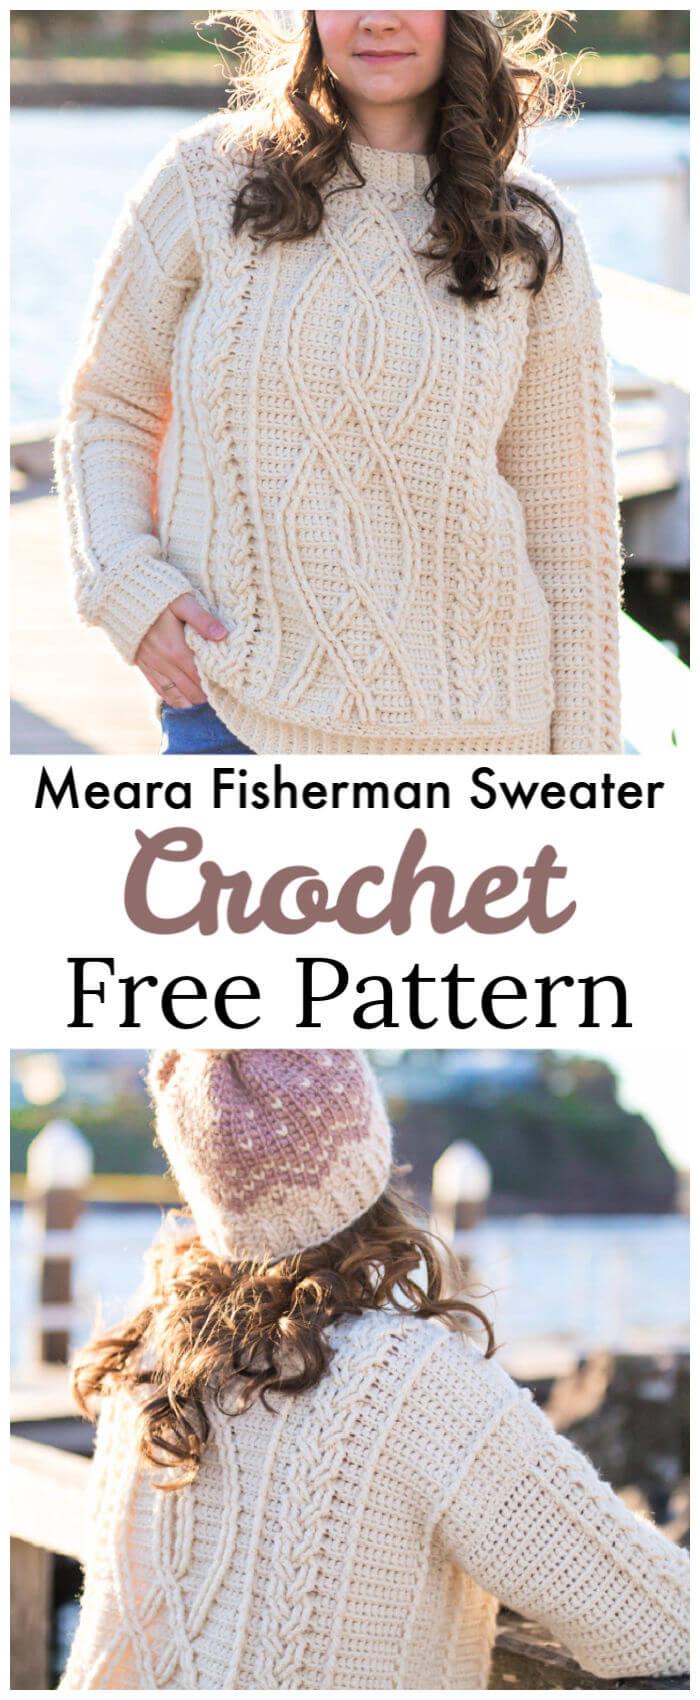 Meara Fisherman Sweater Free Crochet Pattern